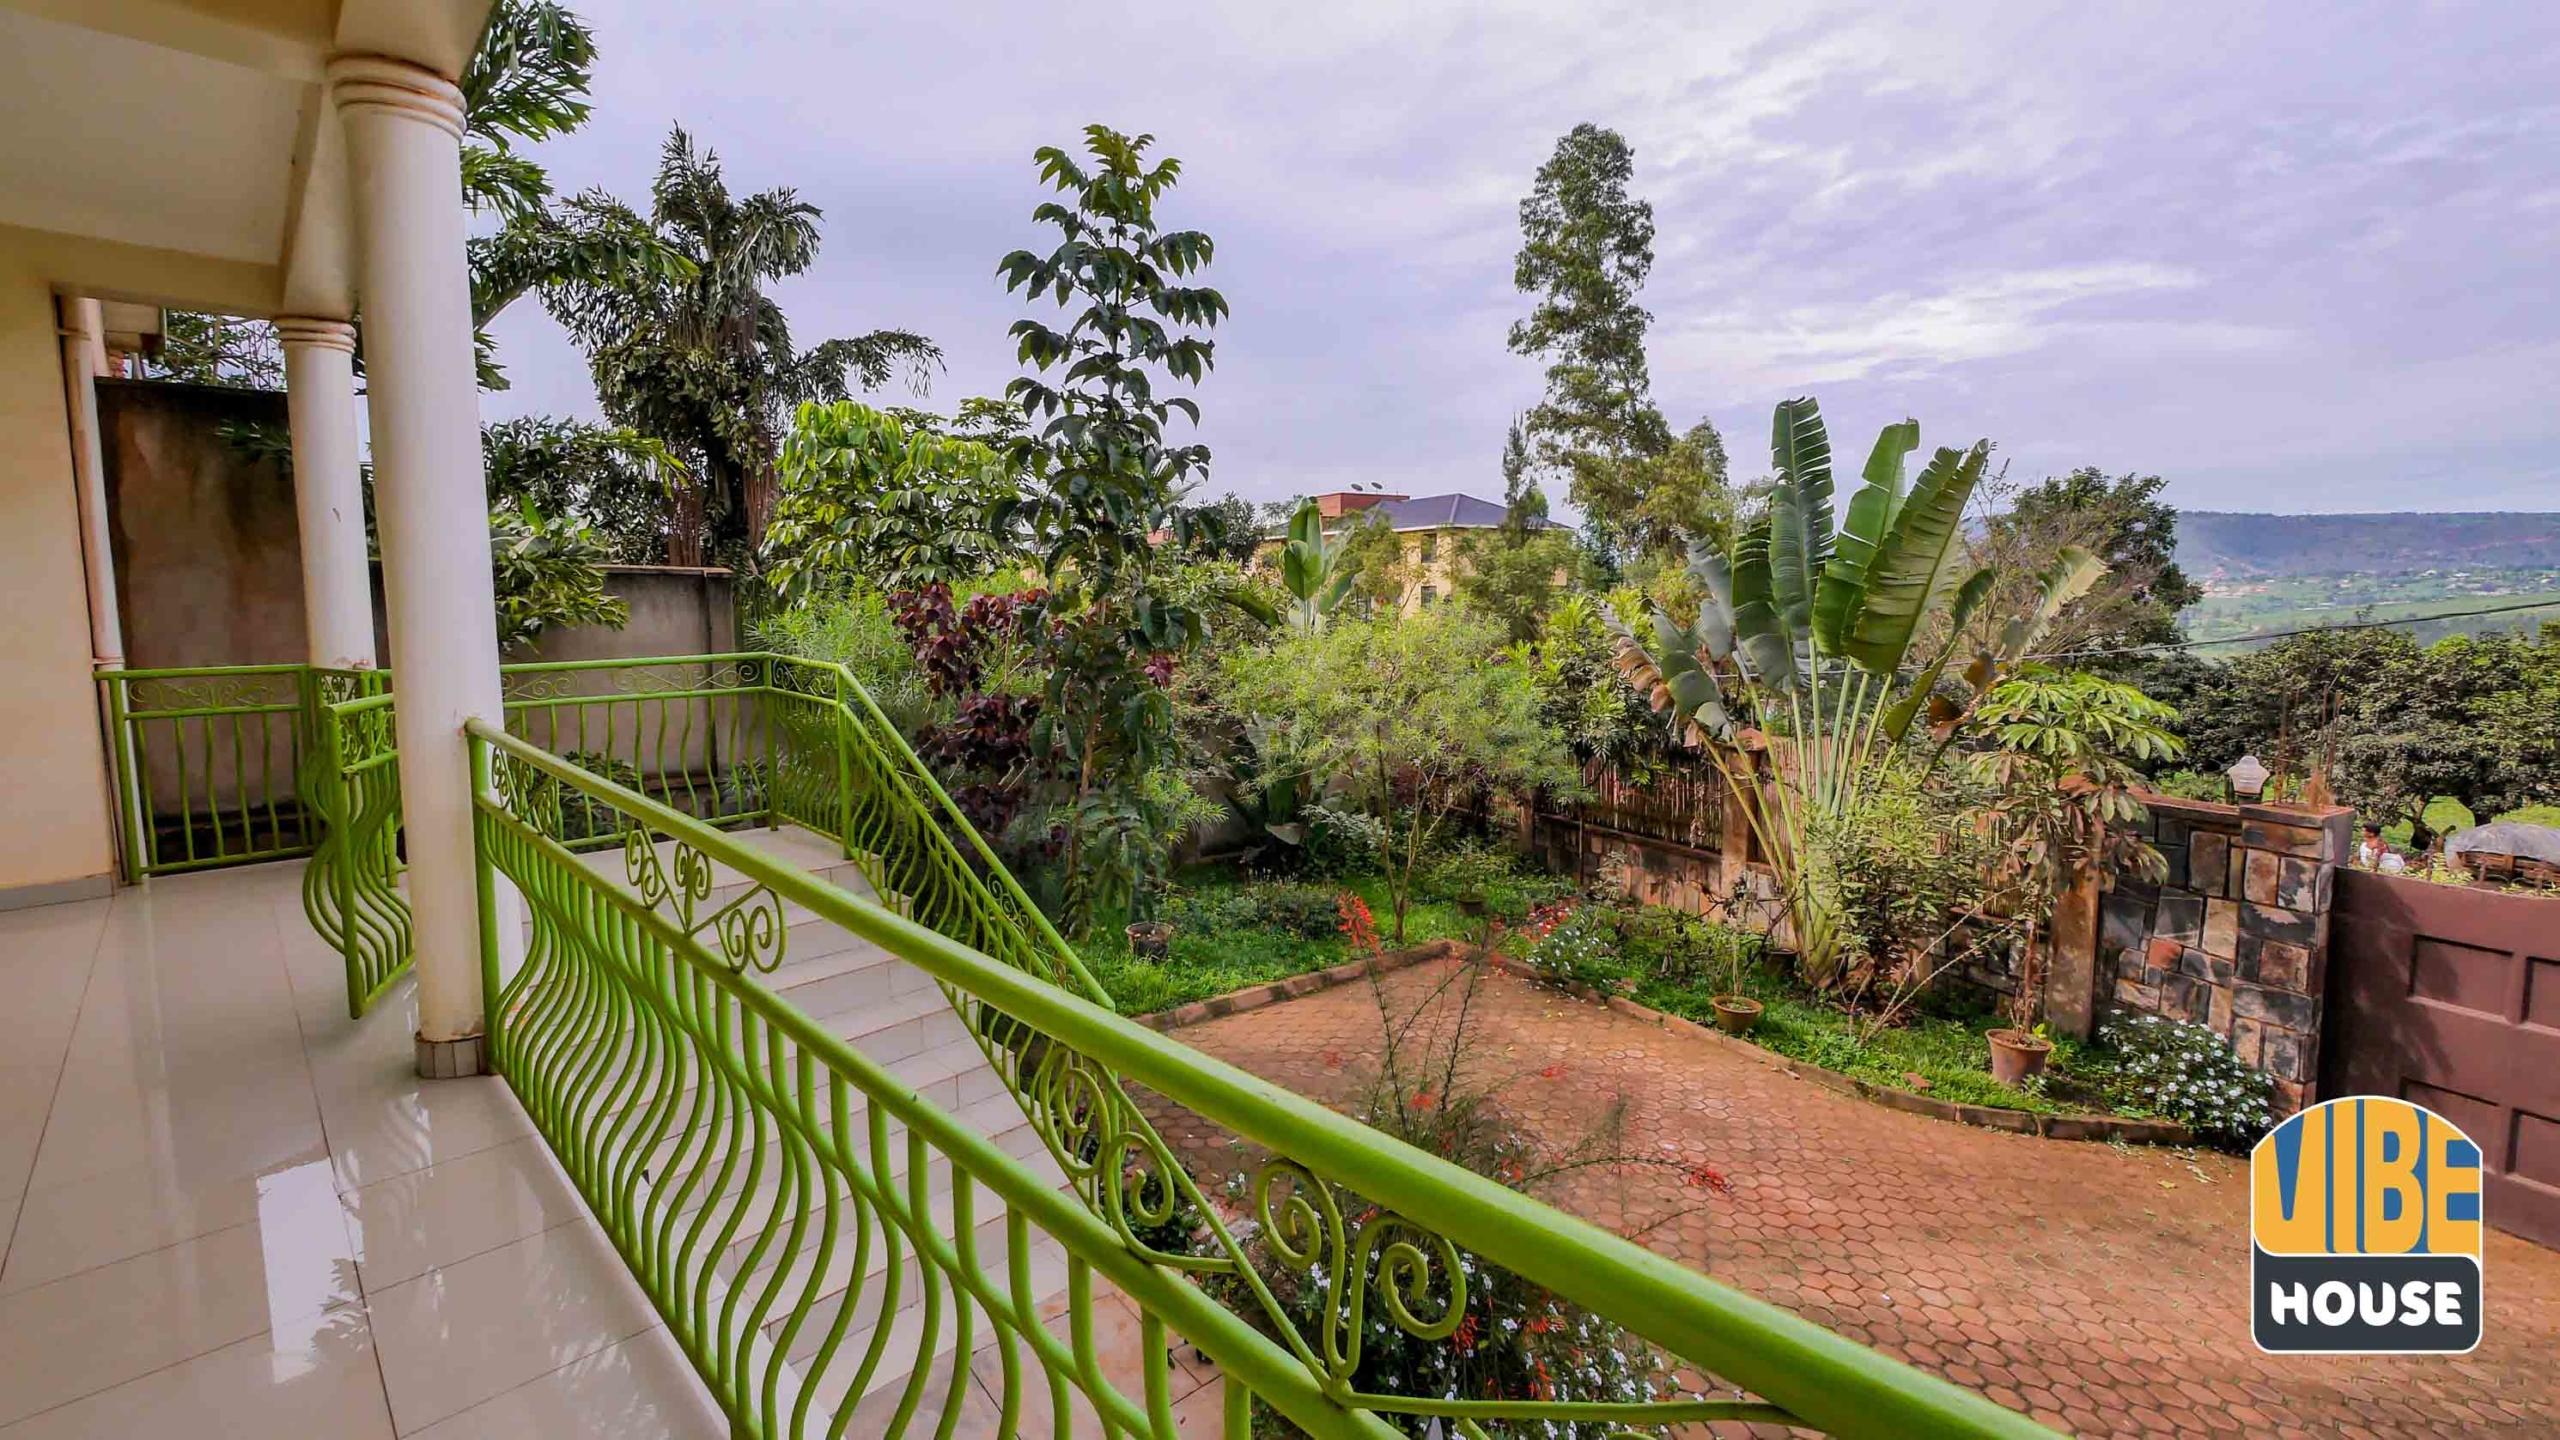 House For Sale Kigali Kagugu 19 03 28 1 7 scaled